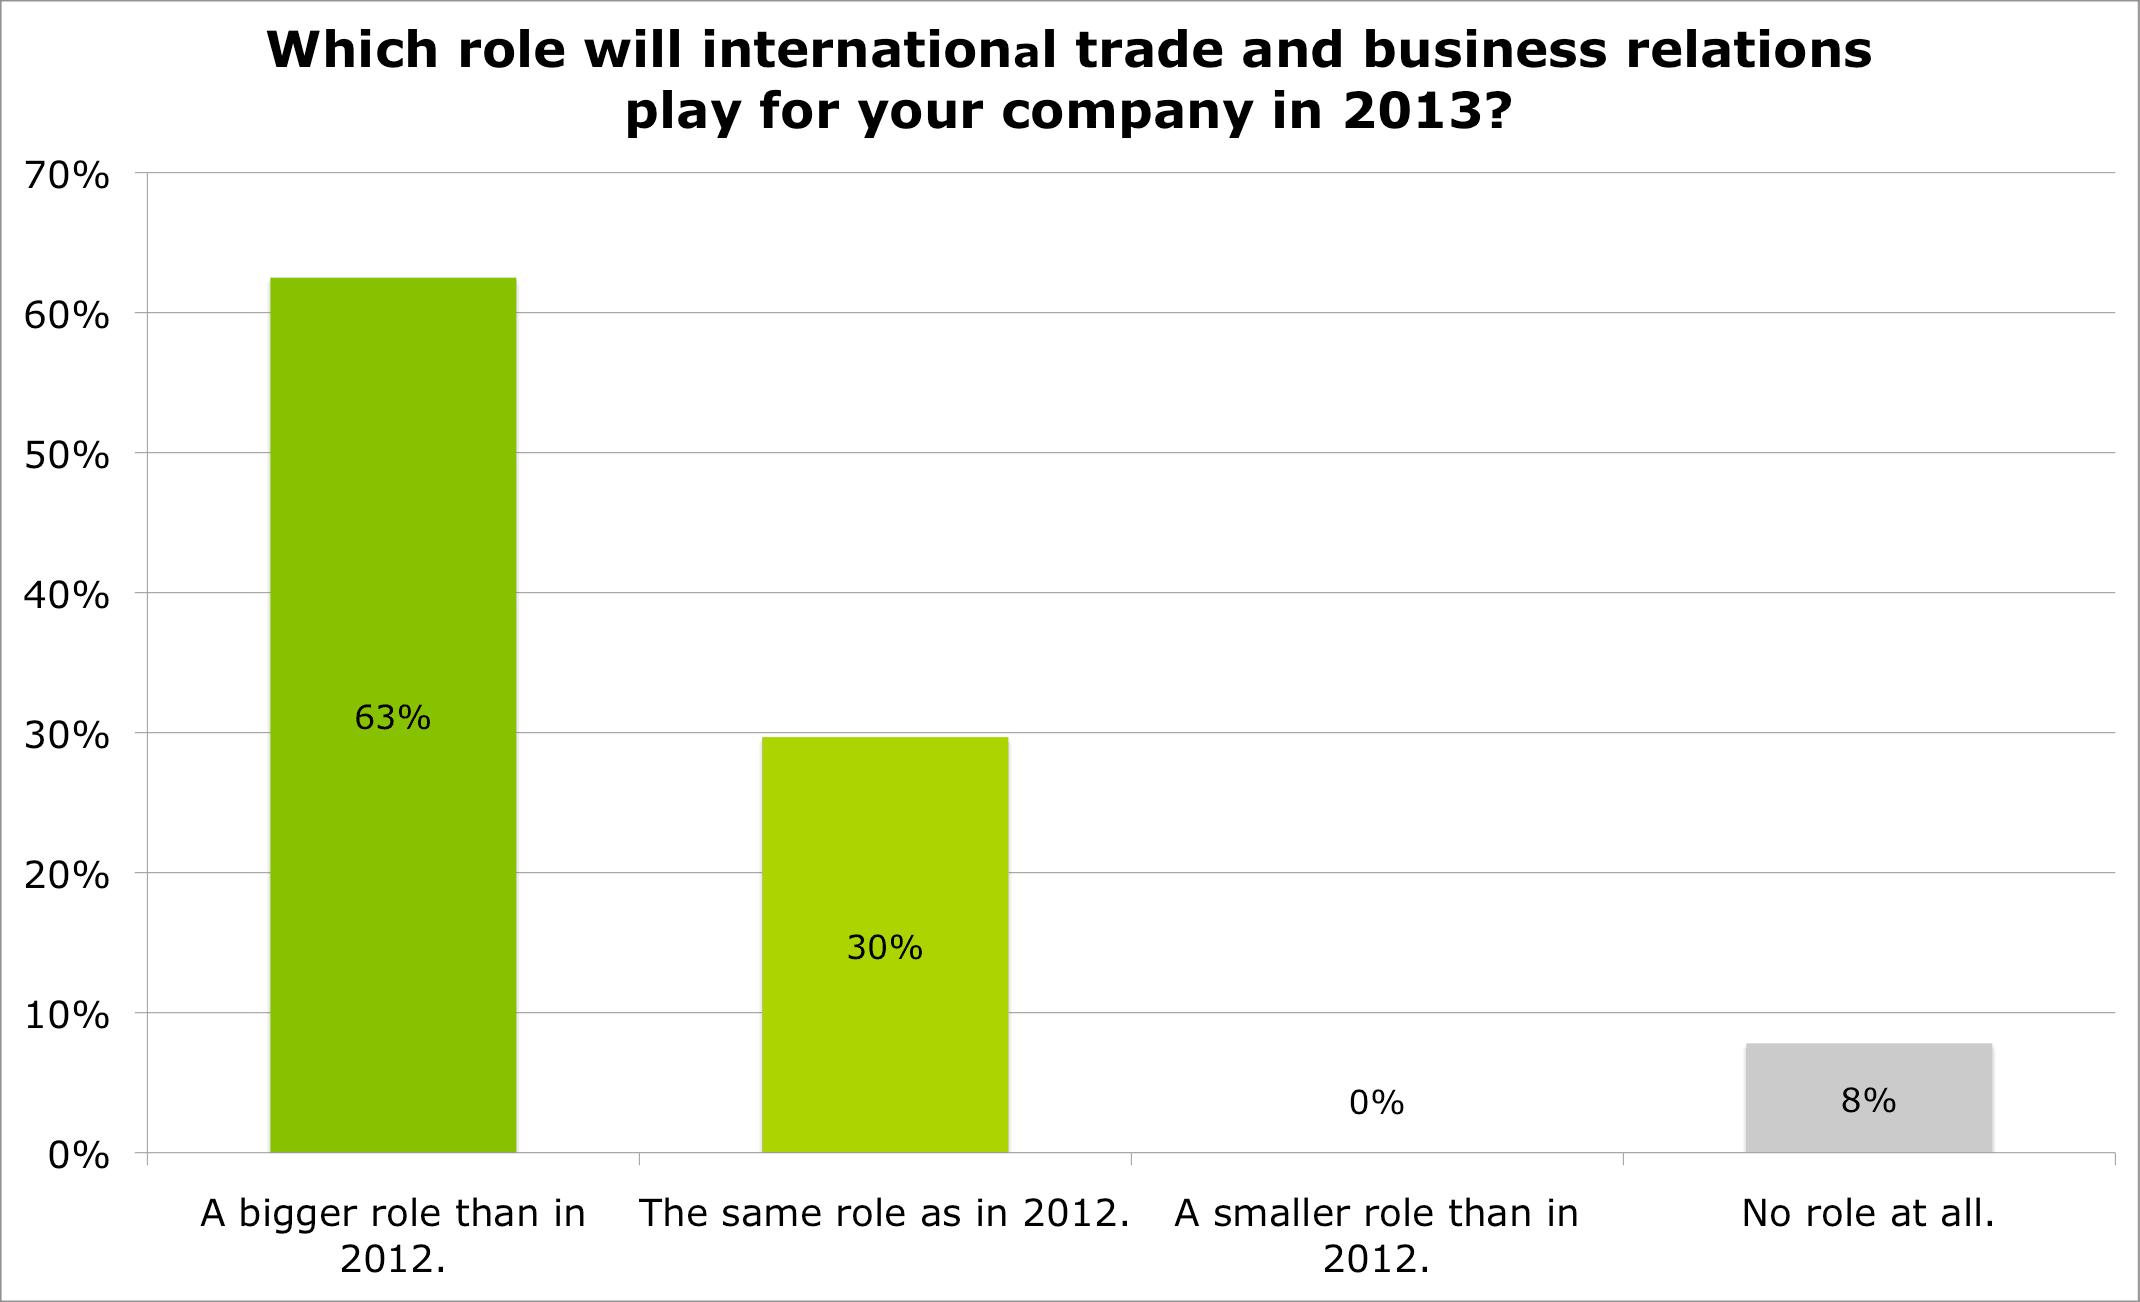 Rollenverteilung des internationalen Geschäfts in 2013